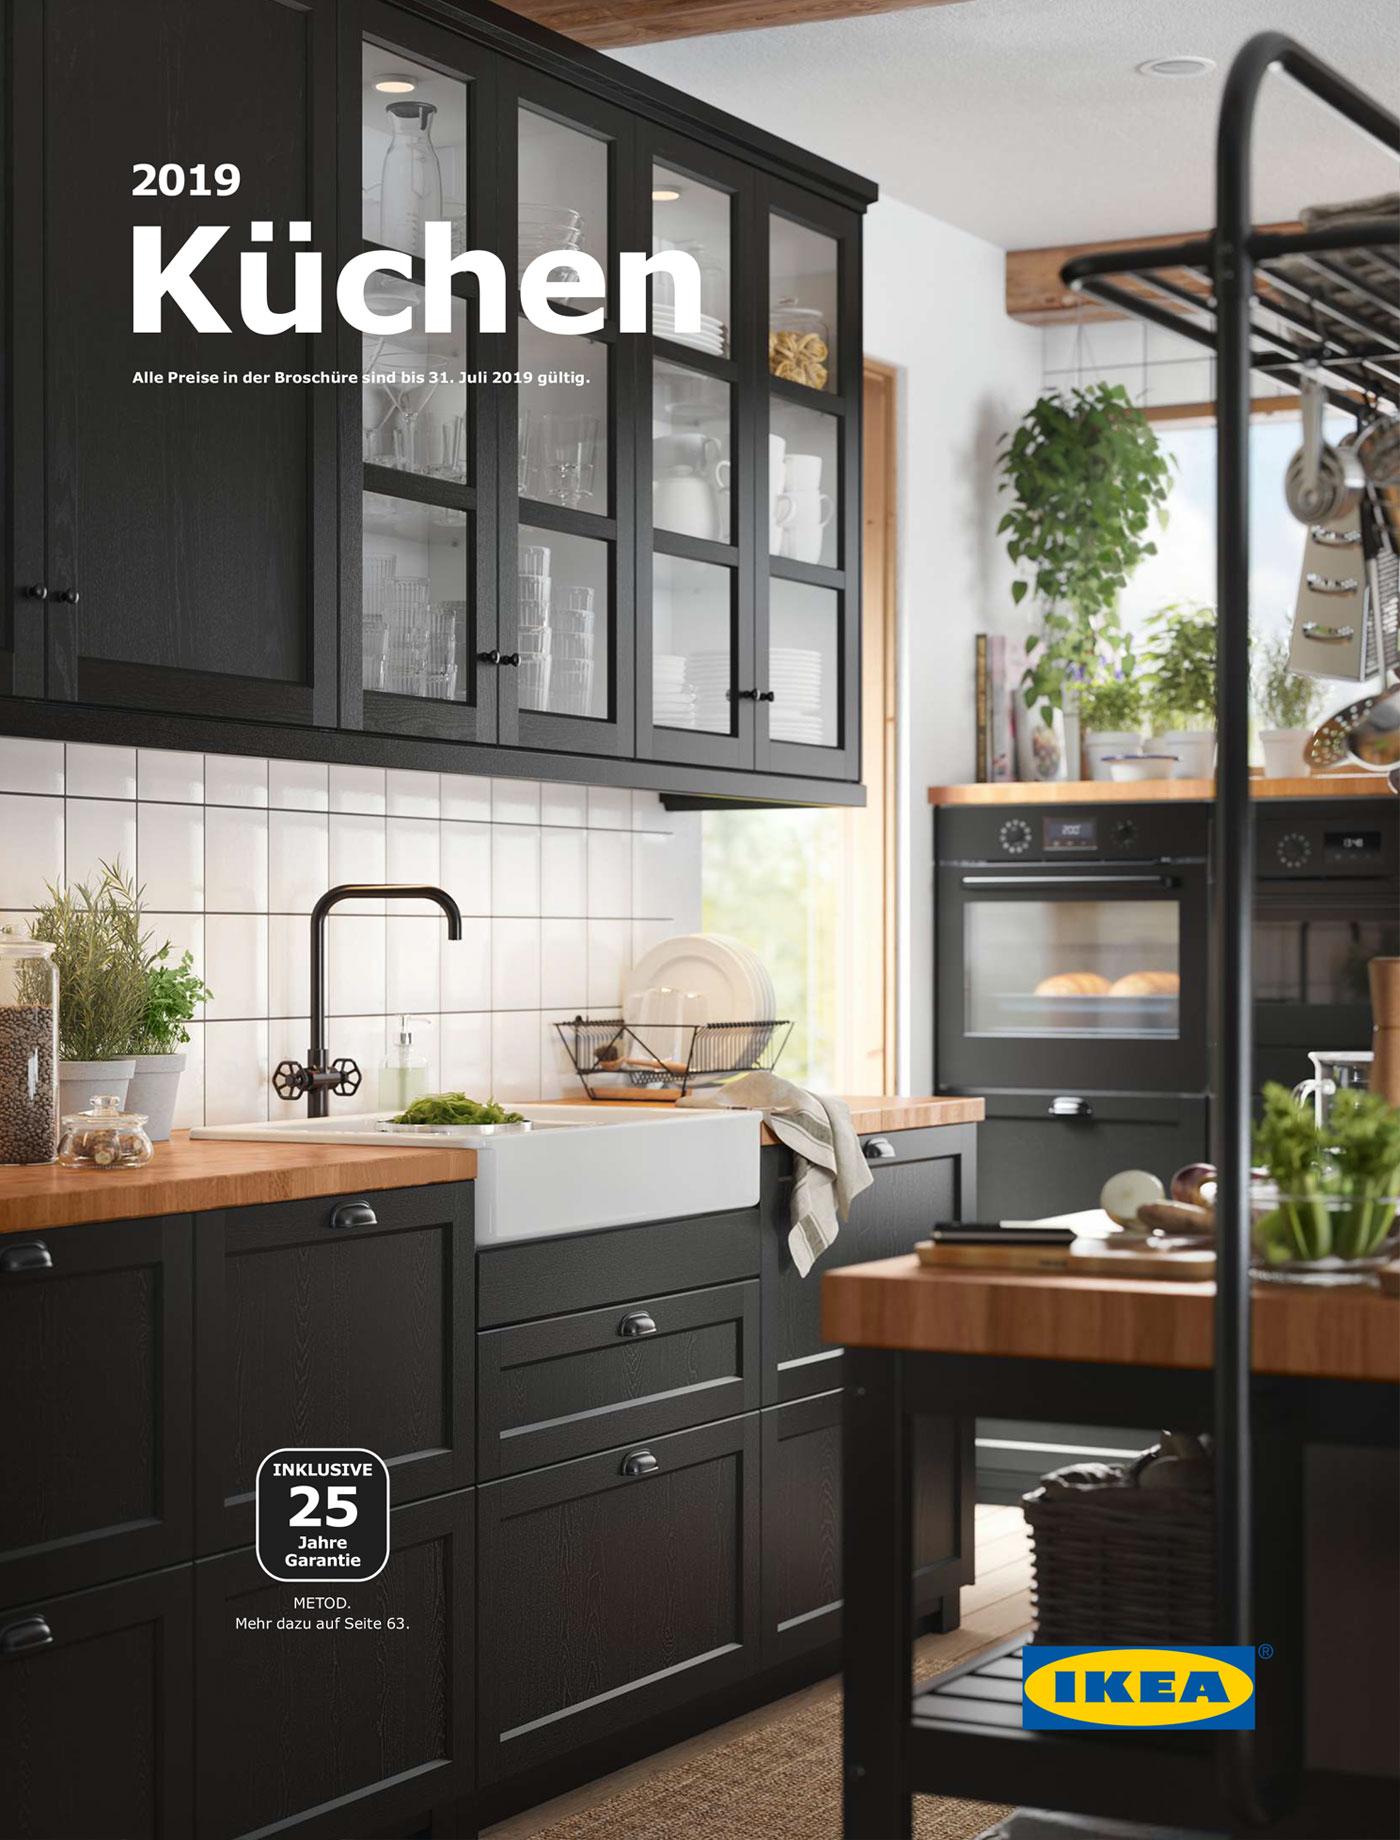 IKEA Küchen Katalog 2019